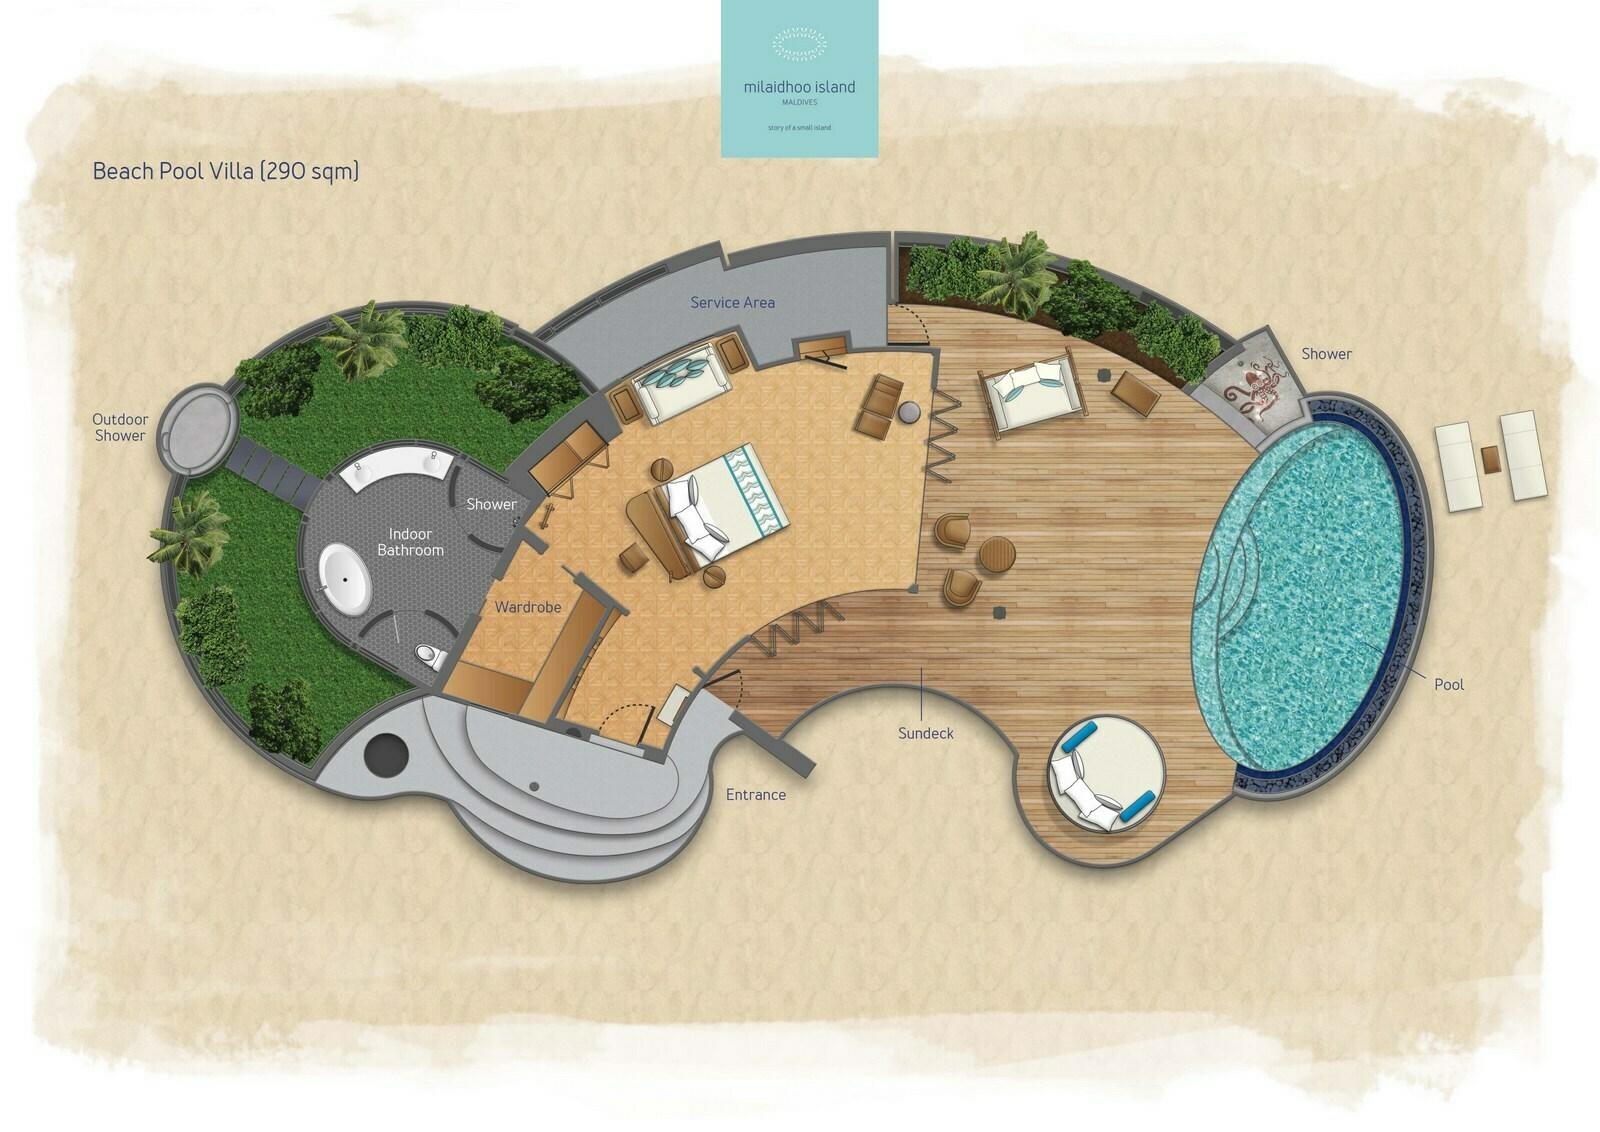 Мальдивы, отель Milaidhoo Island Maldives, план-схема номера Beach Pool Villa